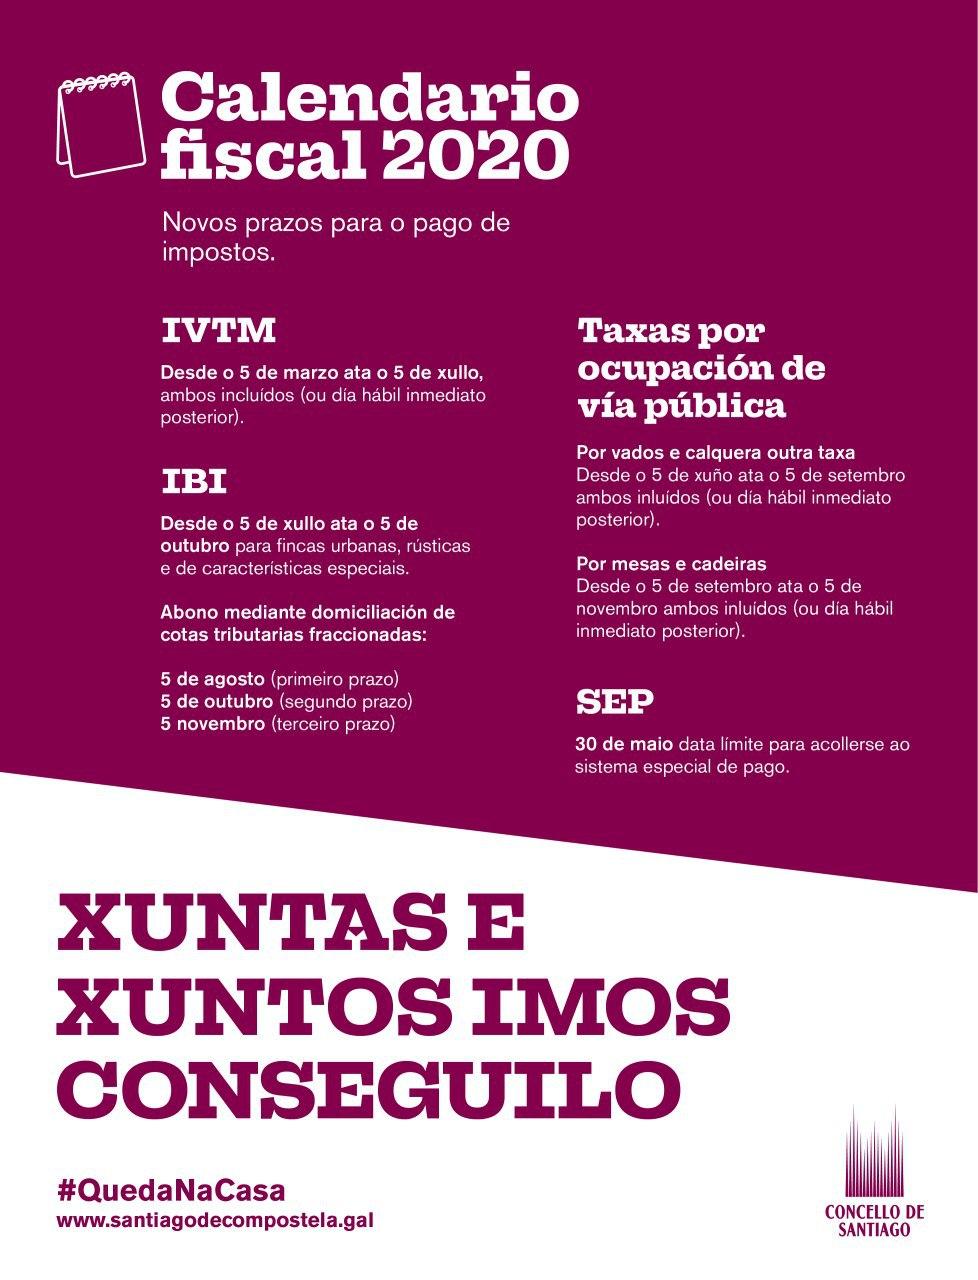 Calendario fiscal 2020.